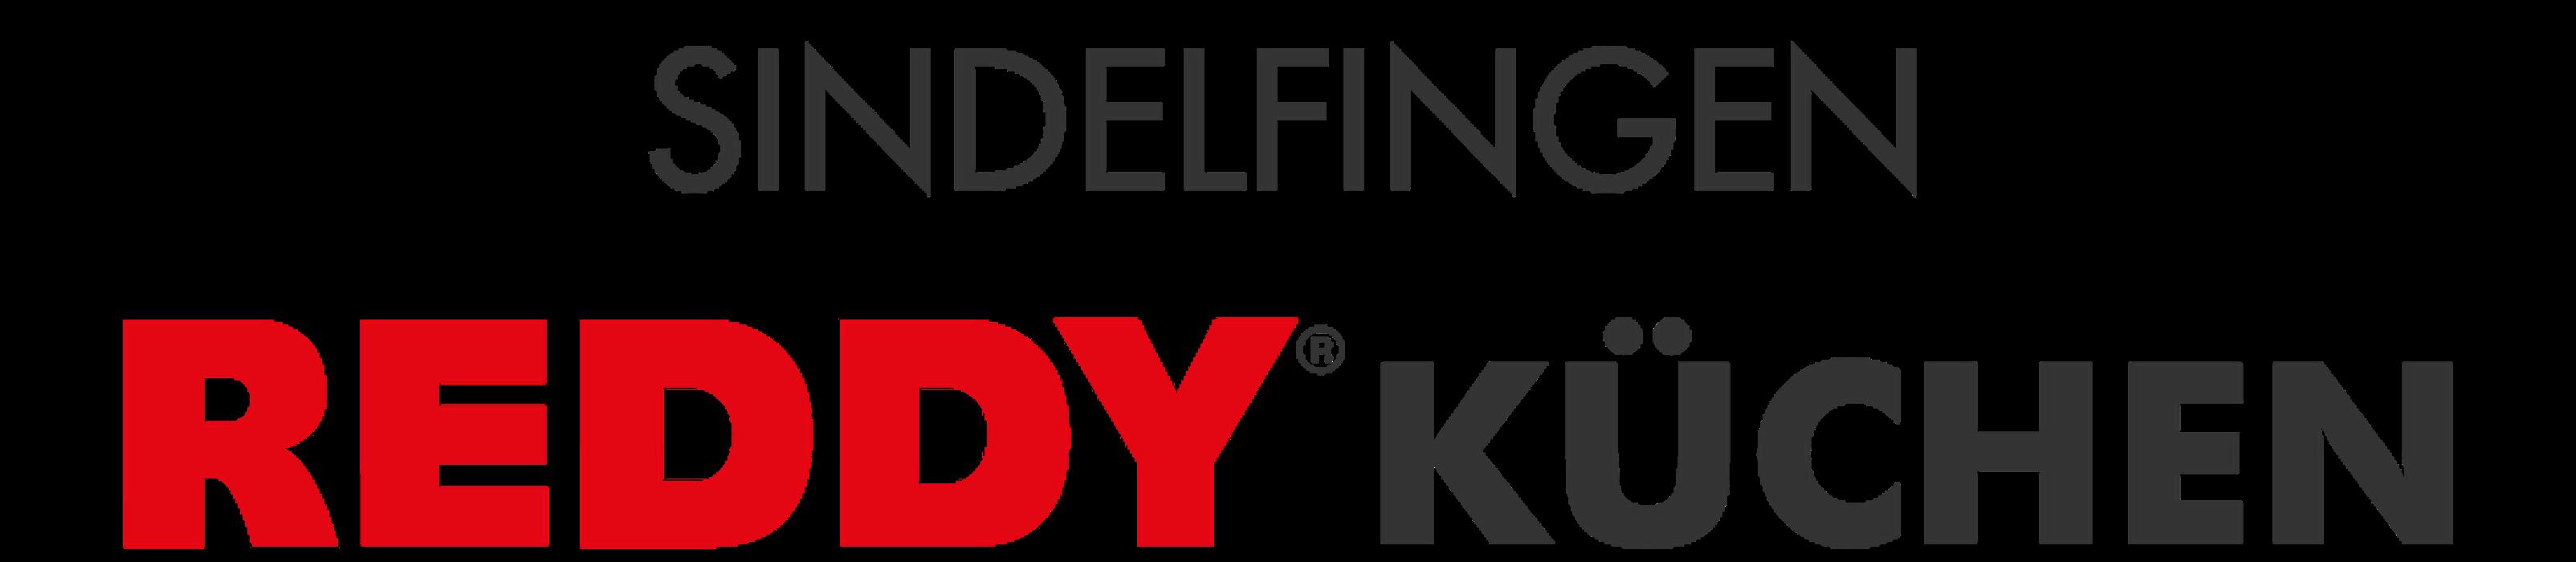 REDDY Küchen Sindelfingen • Sindelfingen, Böblinger Straße 76 ...